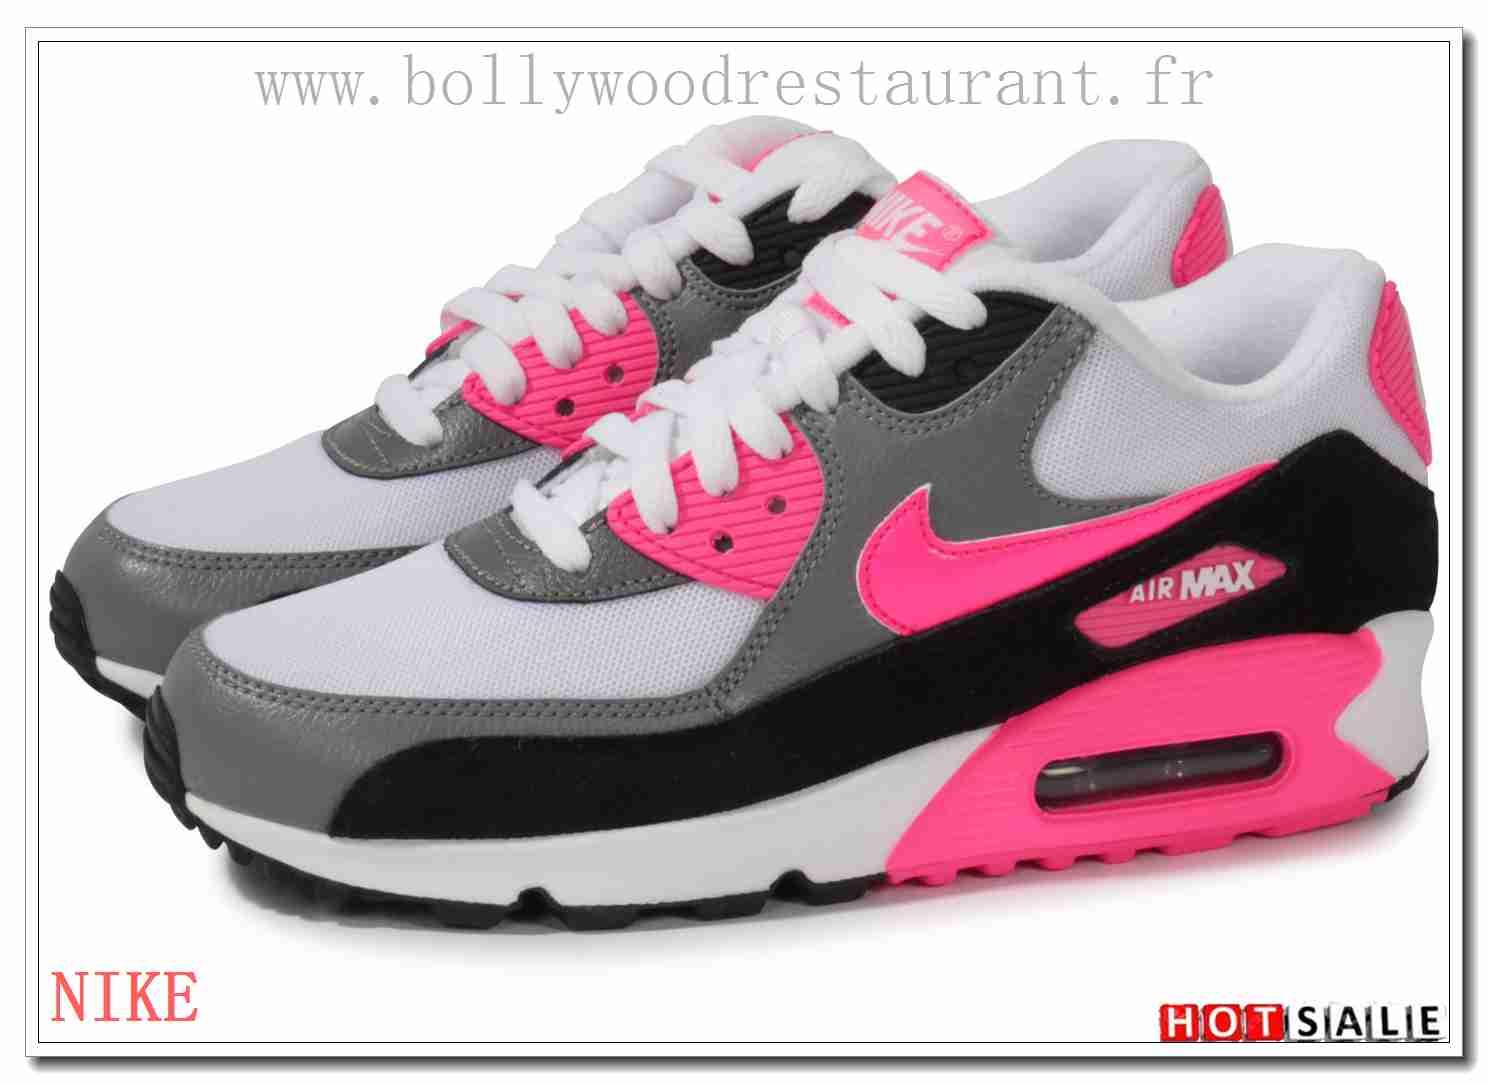 chaussures air max femme,Pas Cher nike chaussures air max femme en france 7164